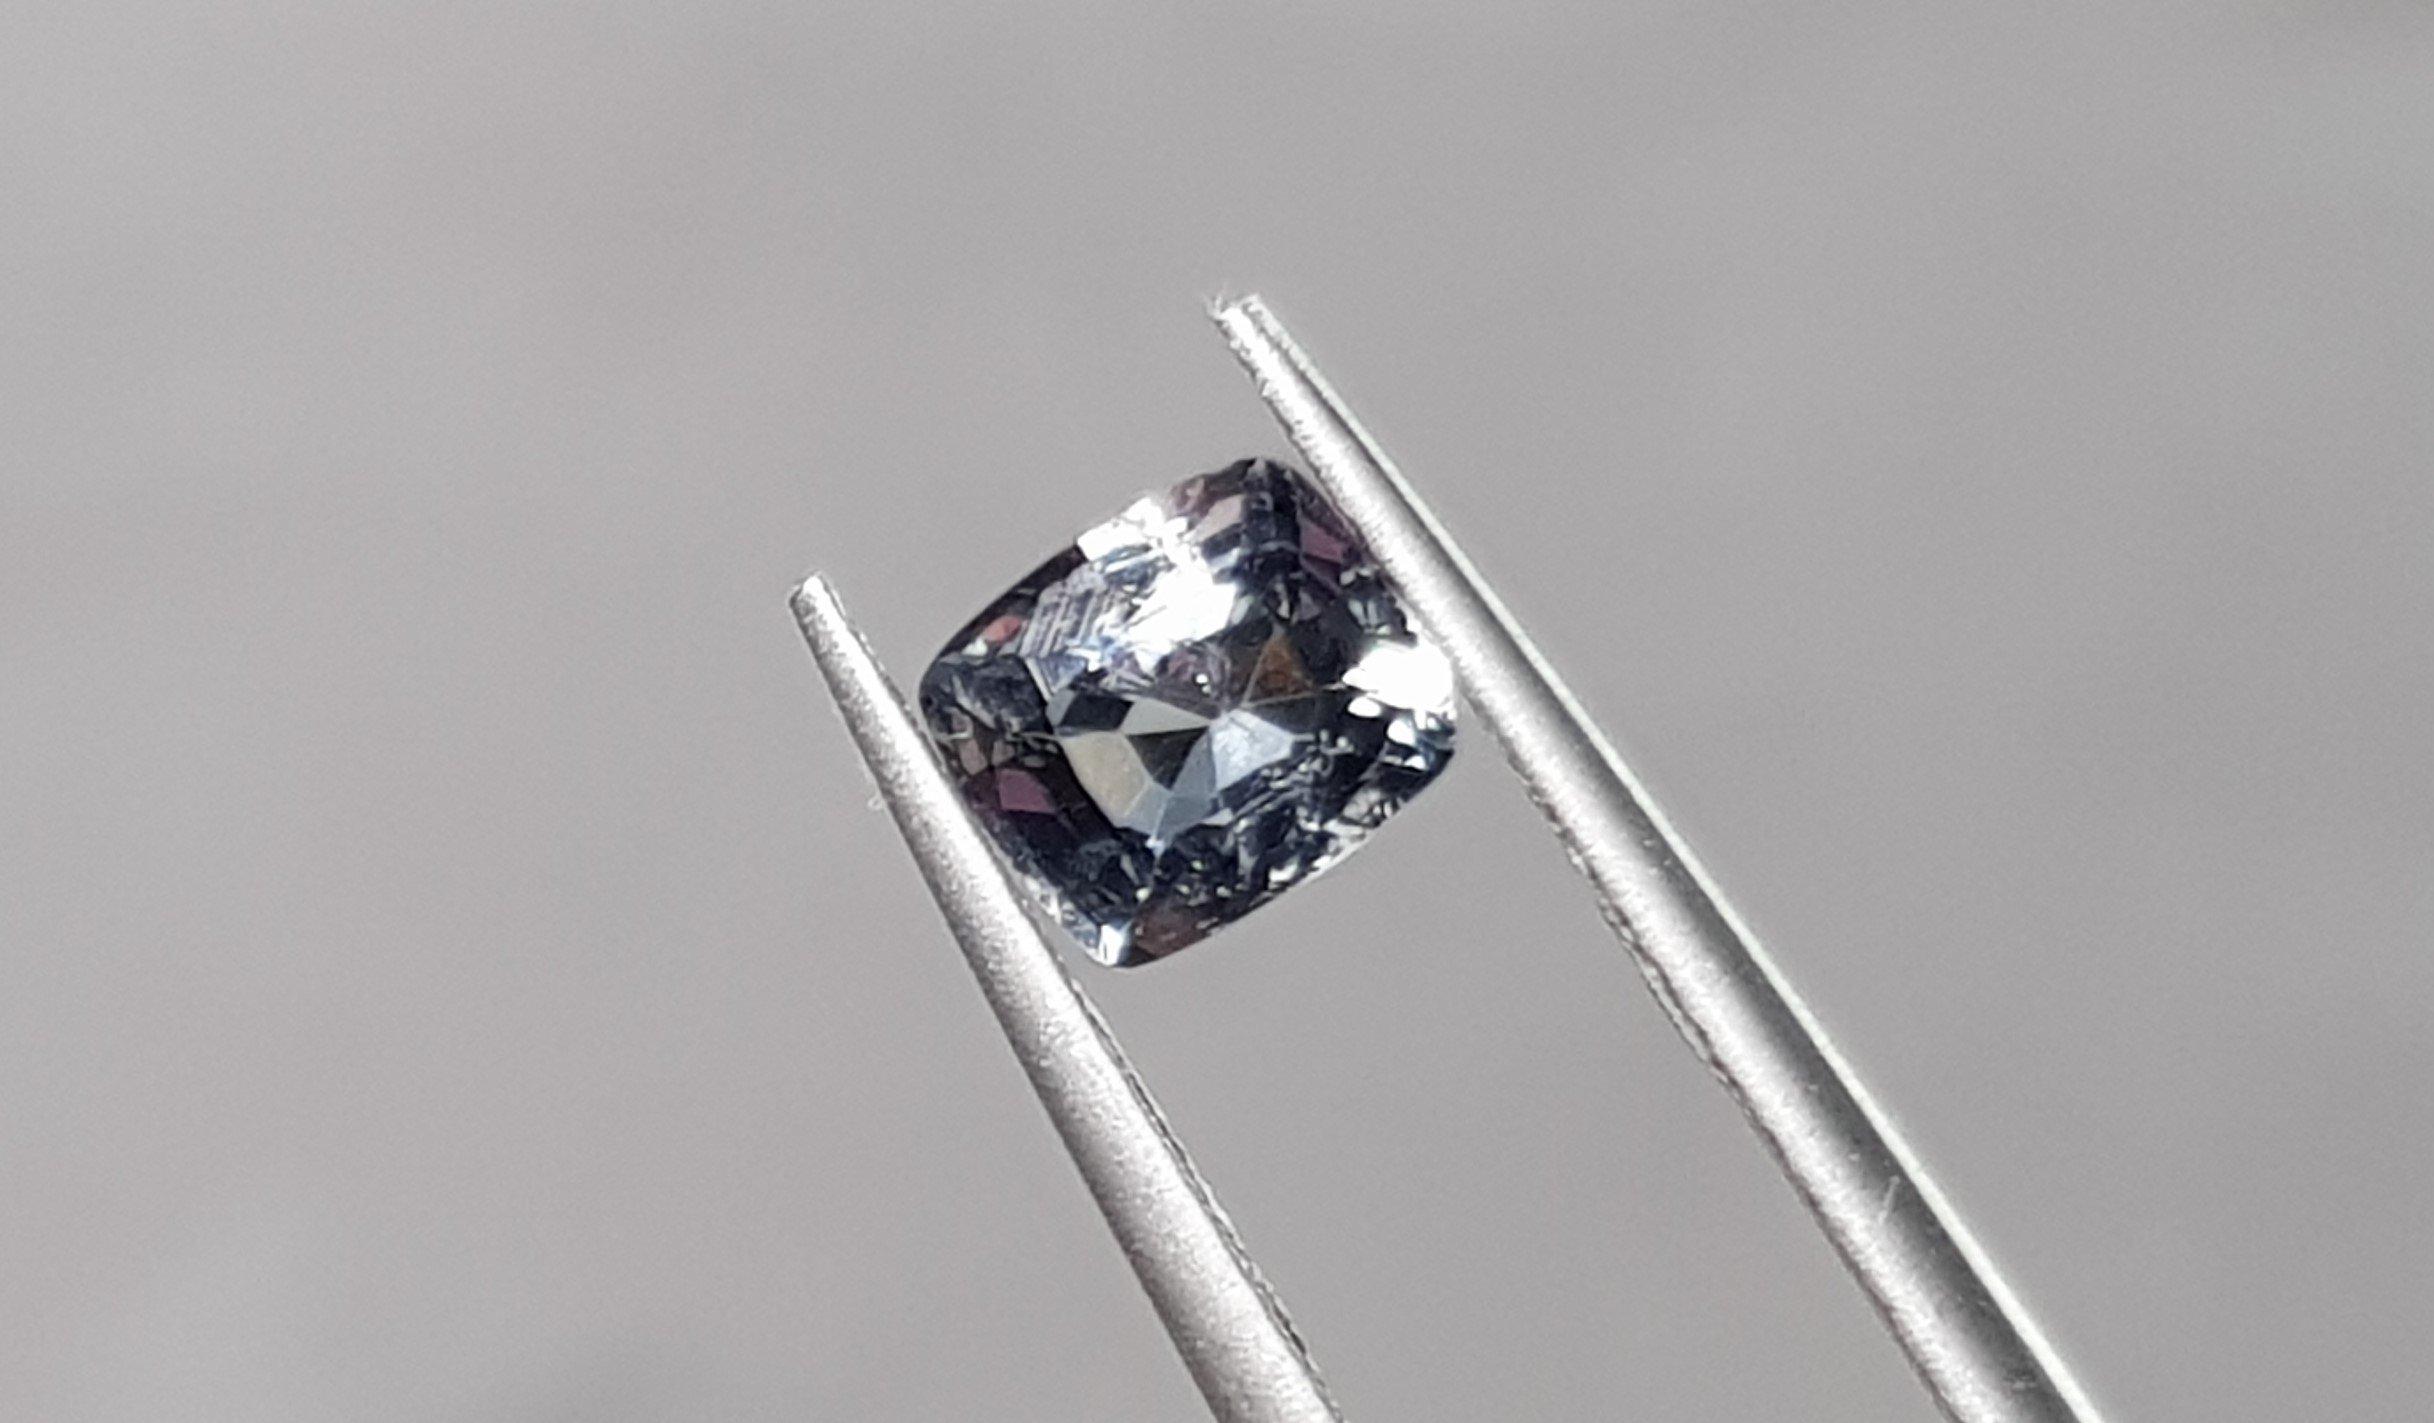 揚邵一品0.94克拉 天然無燒 鋼鐵色尖晶石 時尚 淨透無暇 鑽石火光 尖晶石界新寵兒